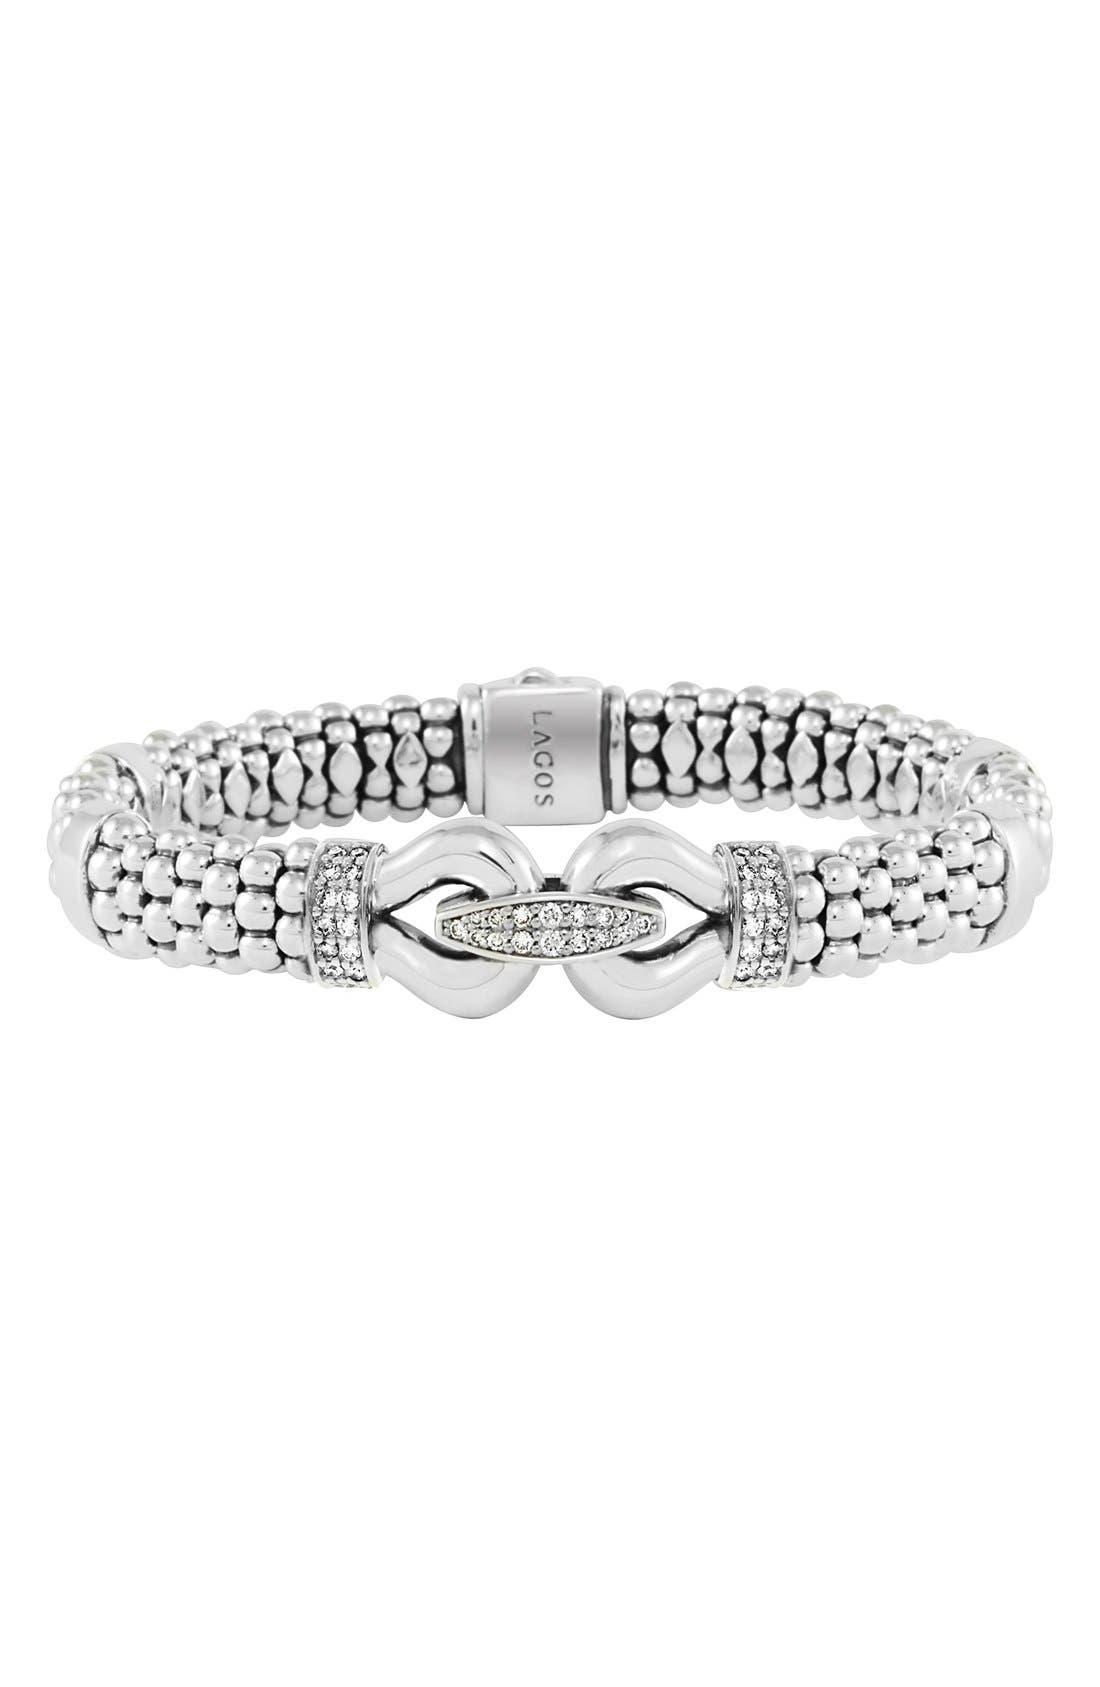 LAGOS Derby Caviar<sup>™</sup> Diamond Rope Bracelet